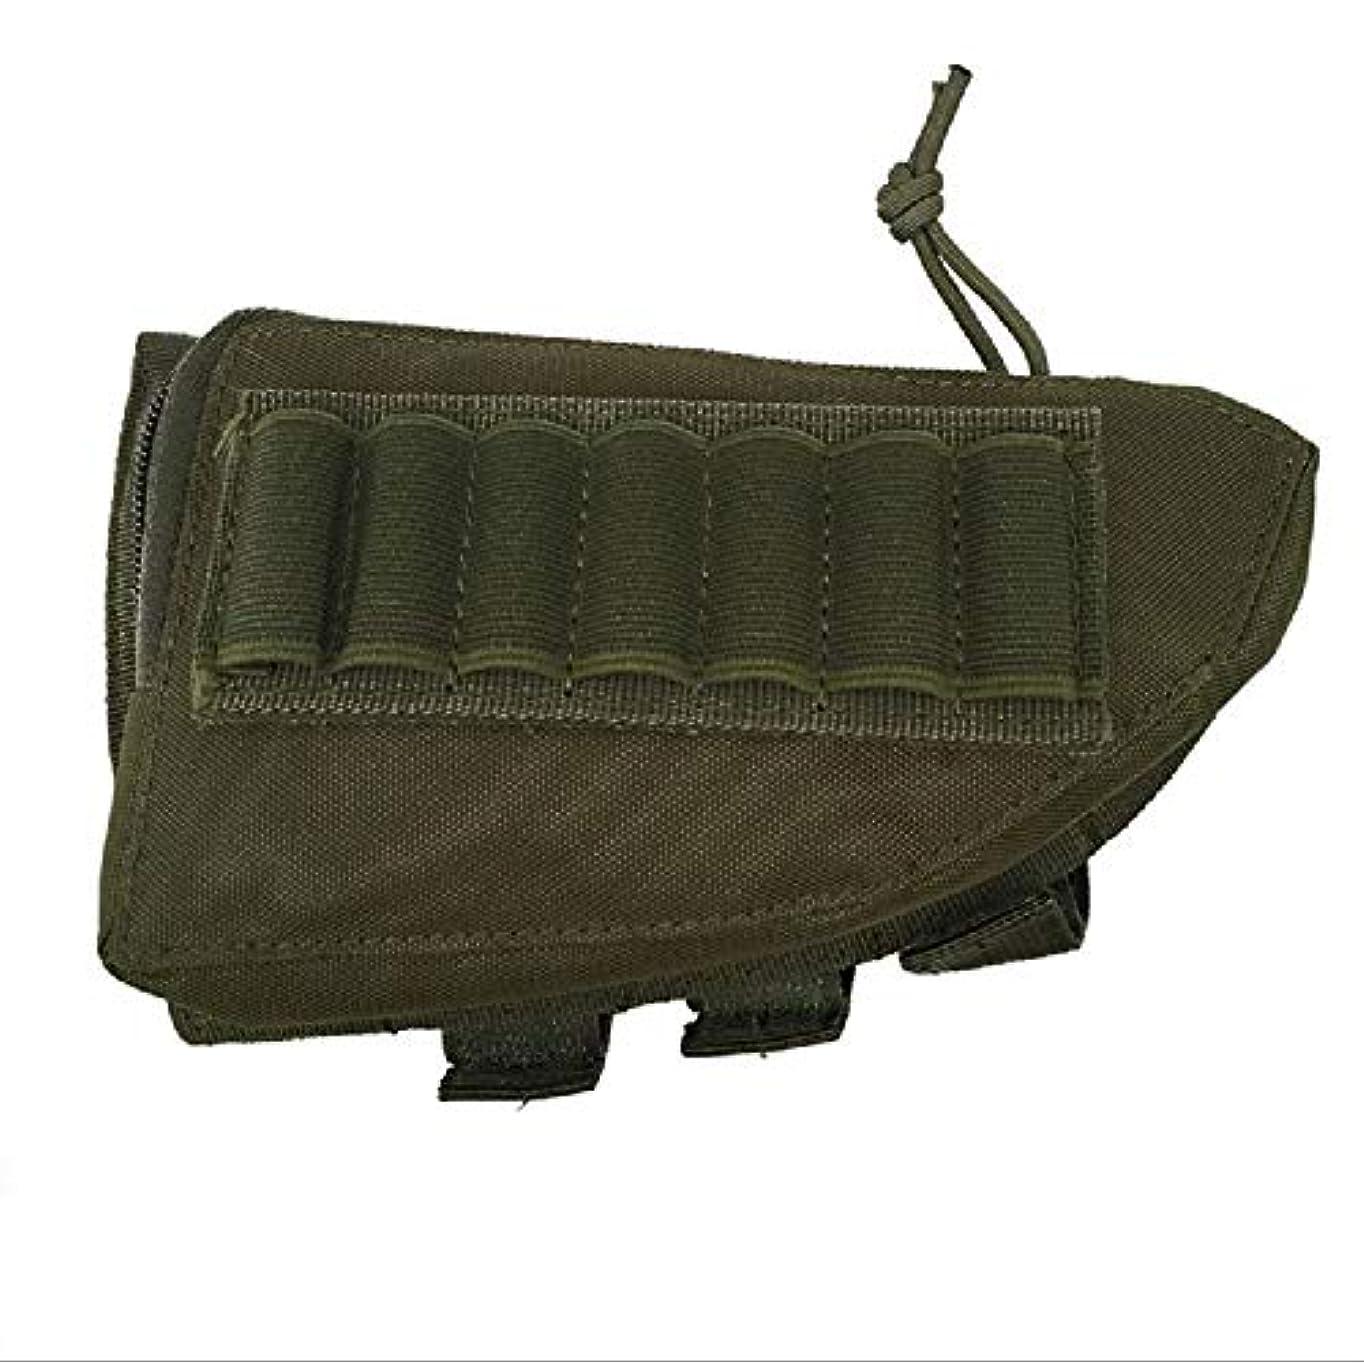 高層ビル雄弁なワイド屋外多目的戦術シャックル弾丸バッグアクセサリーバッグ (Color : A, Size : 20cm/7.9in)